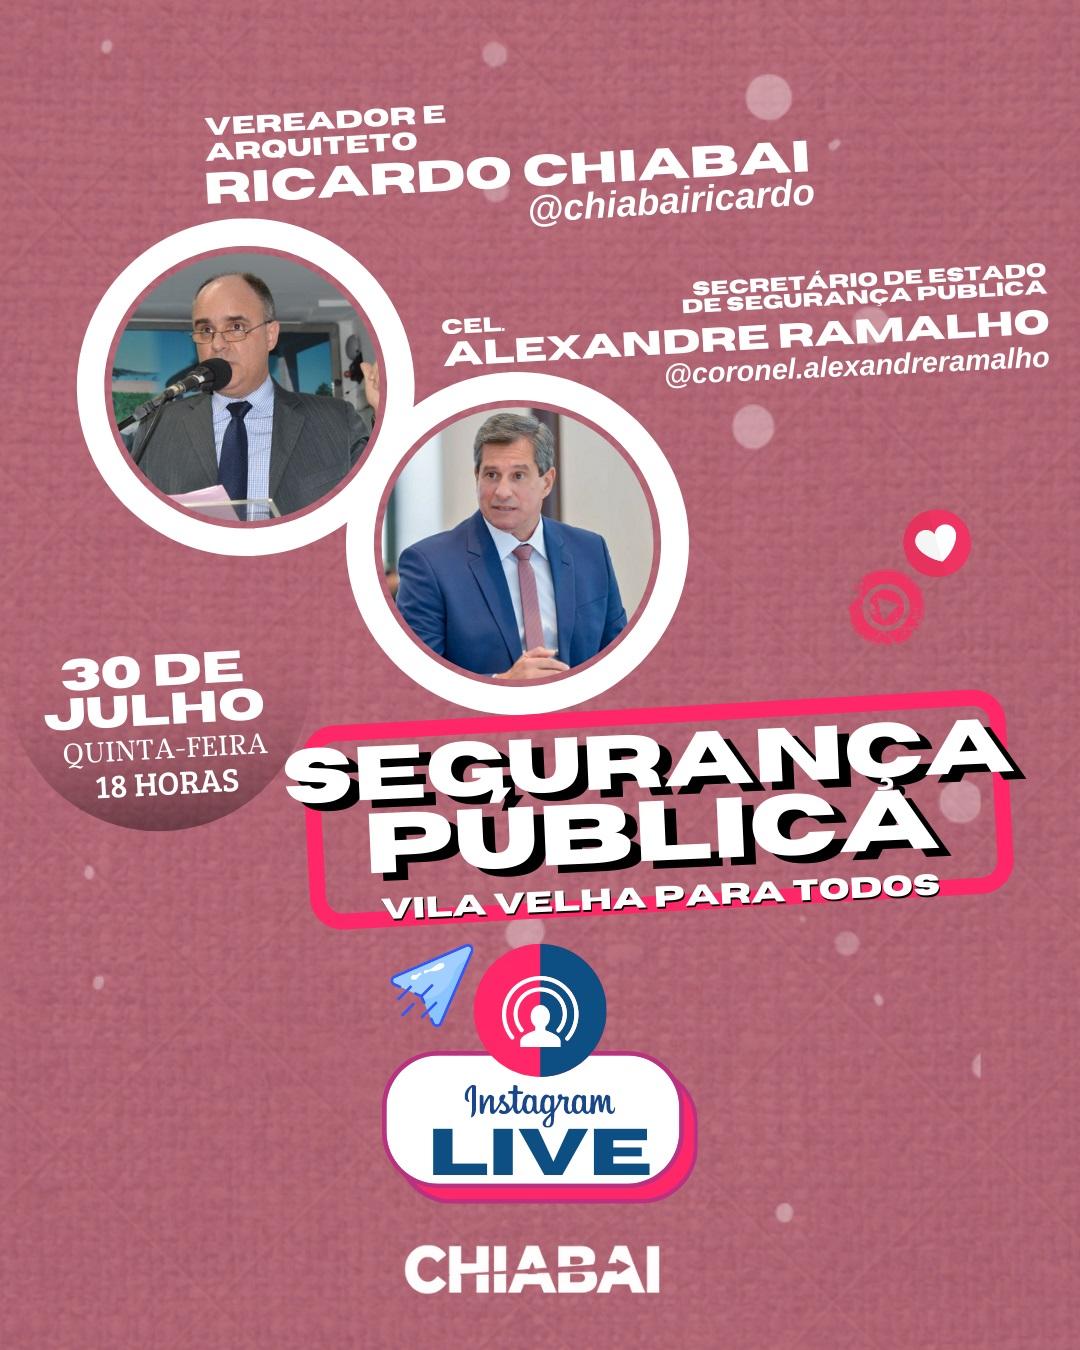 LIVE: Segurança Pública   Vila Velha para todos